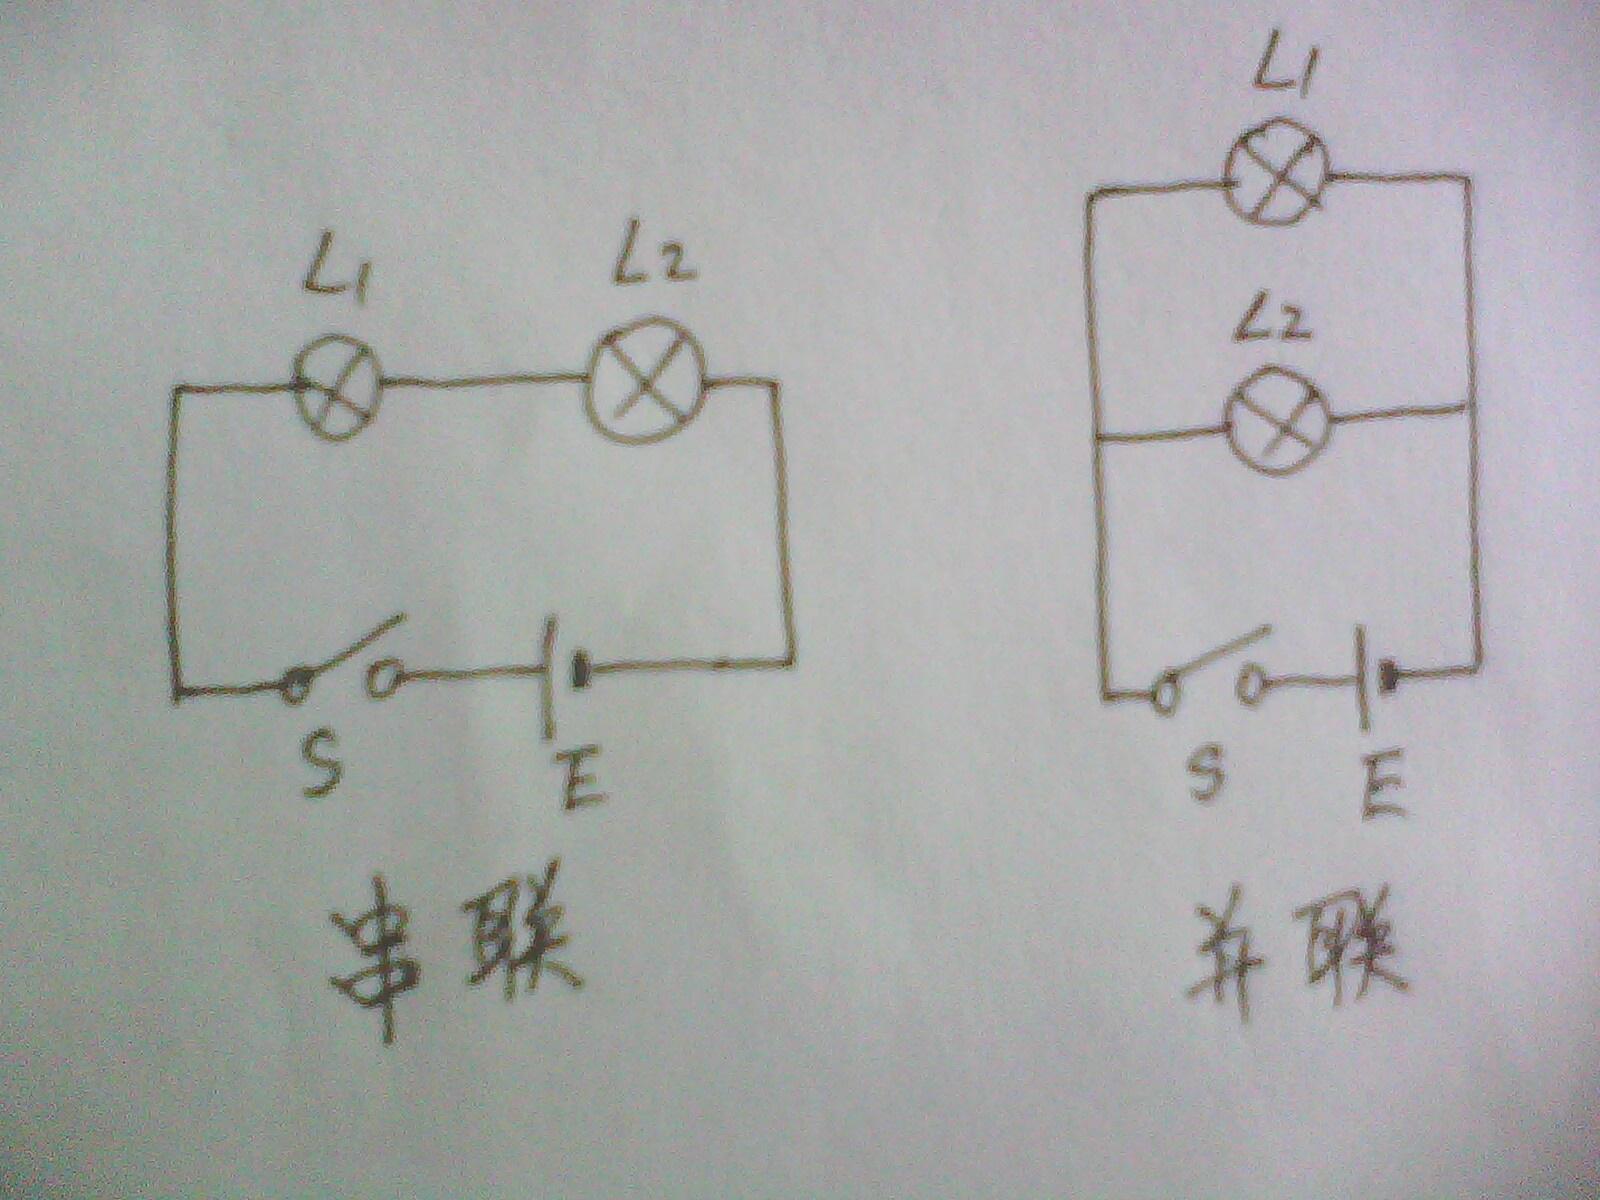 电路图的画法,串联与并联